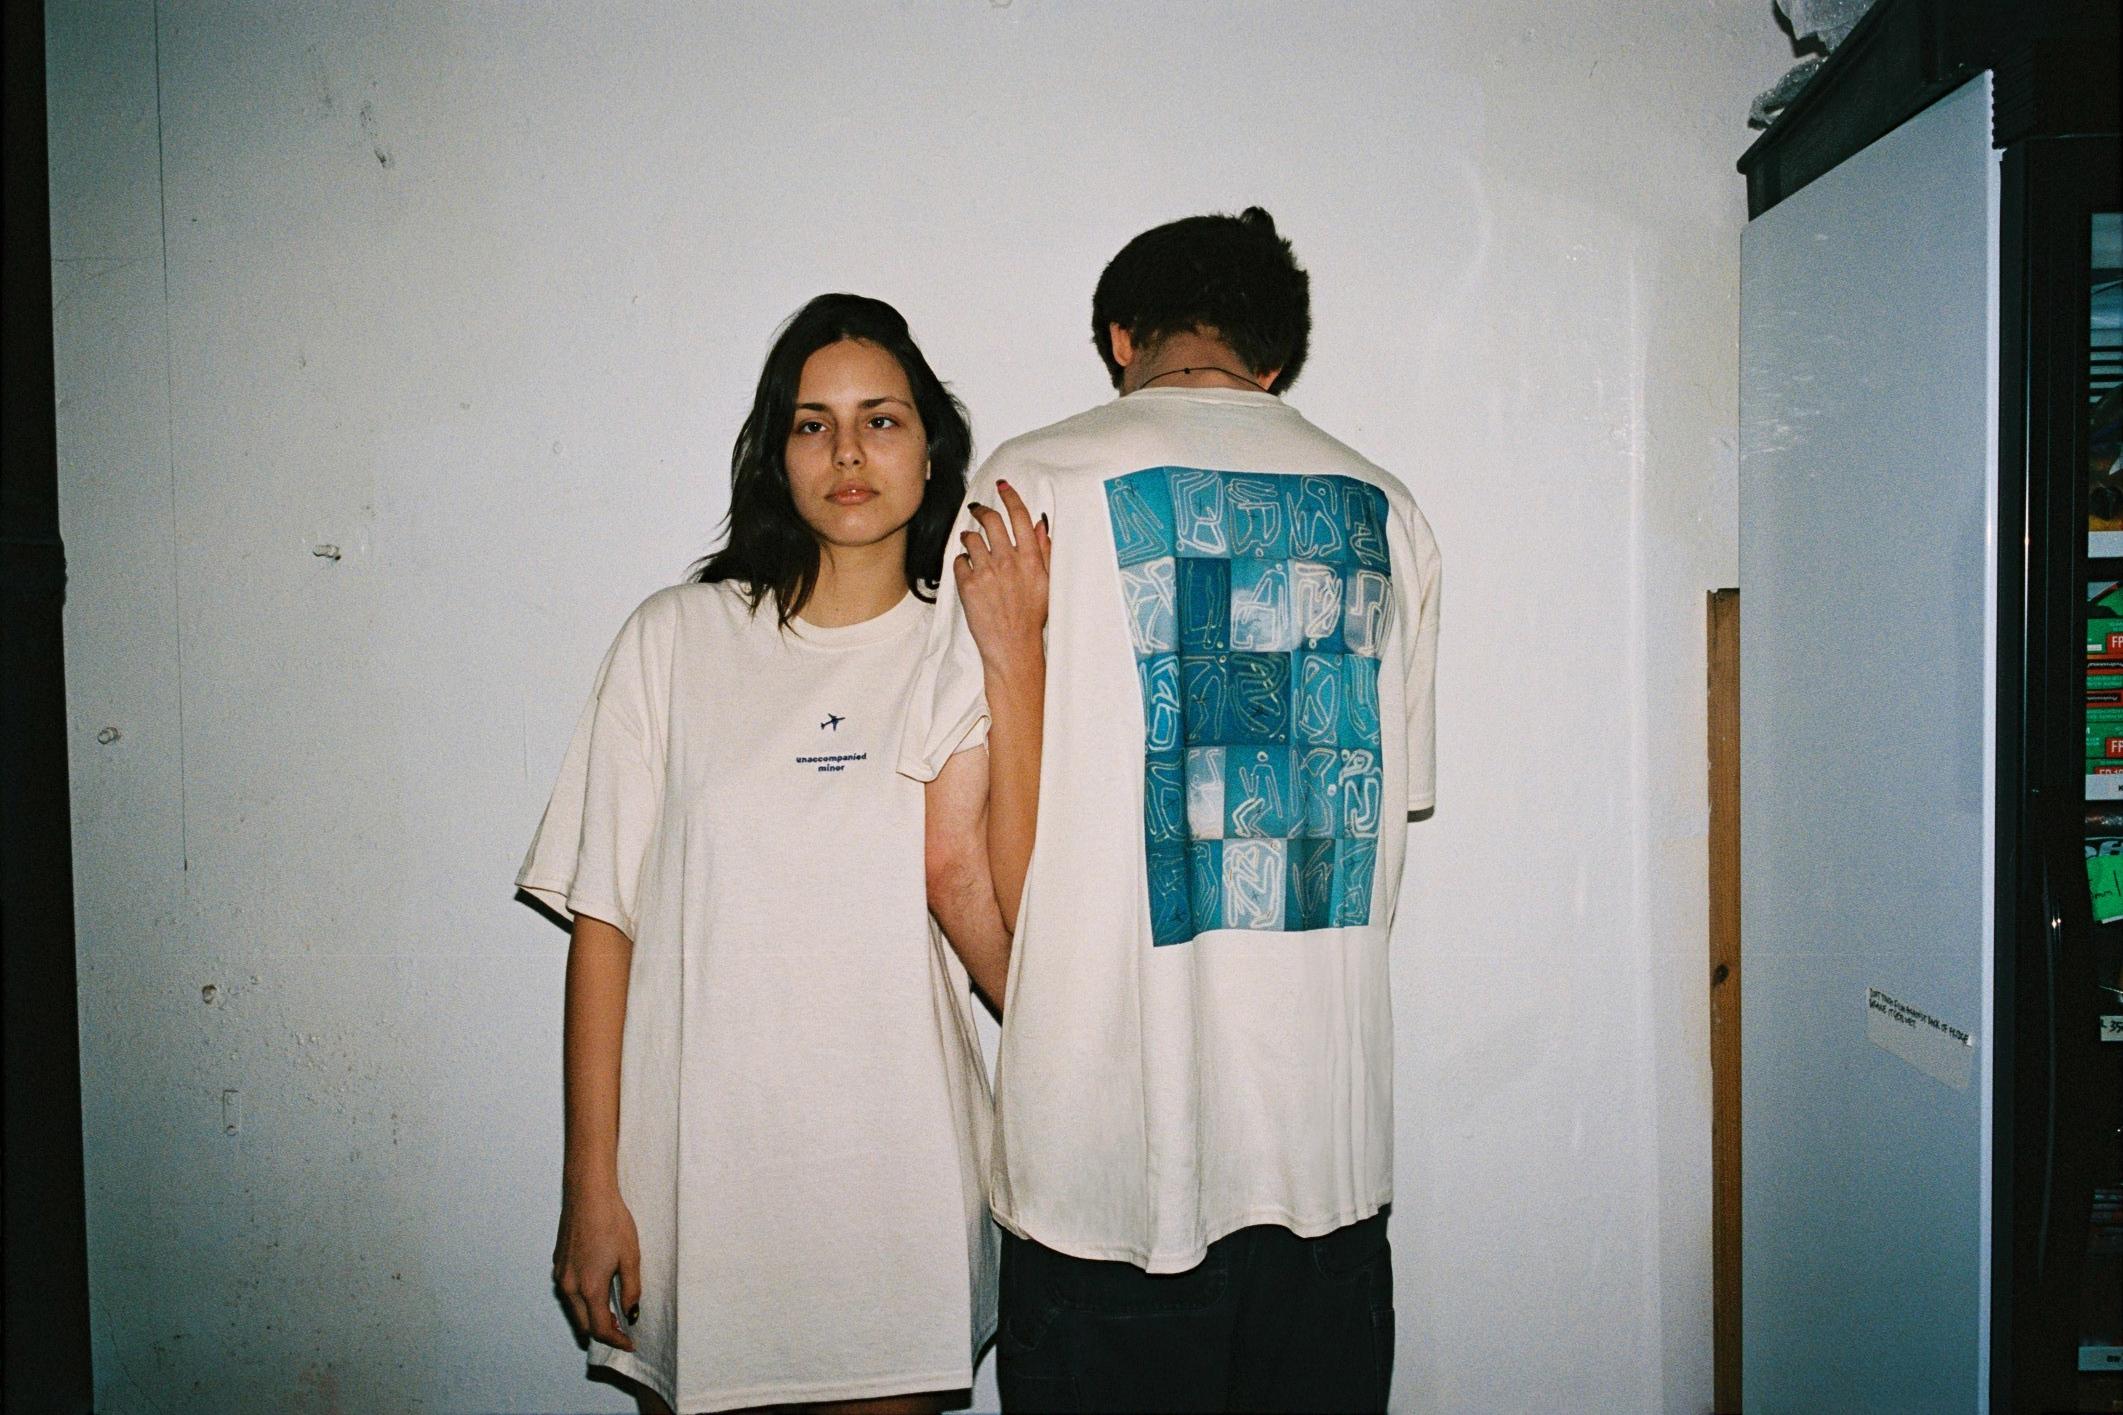 2017_03_Franks-DoBeDo-Tshirt_03_006-cropped1.jpg